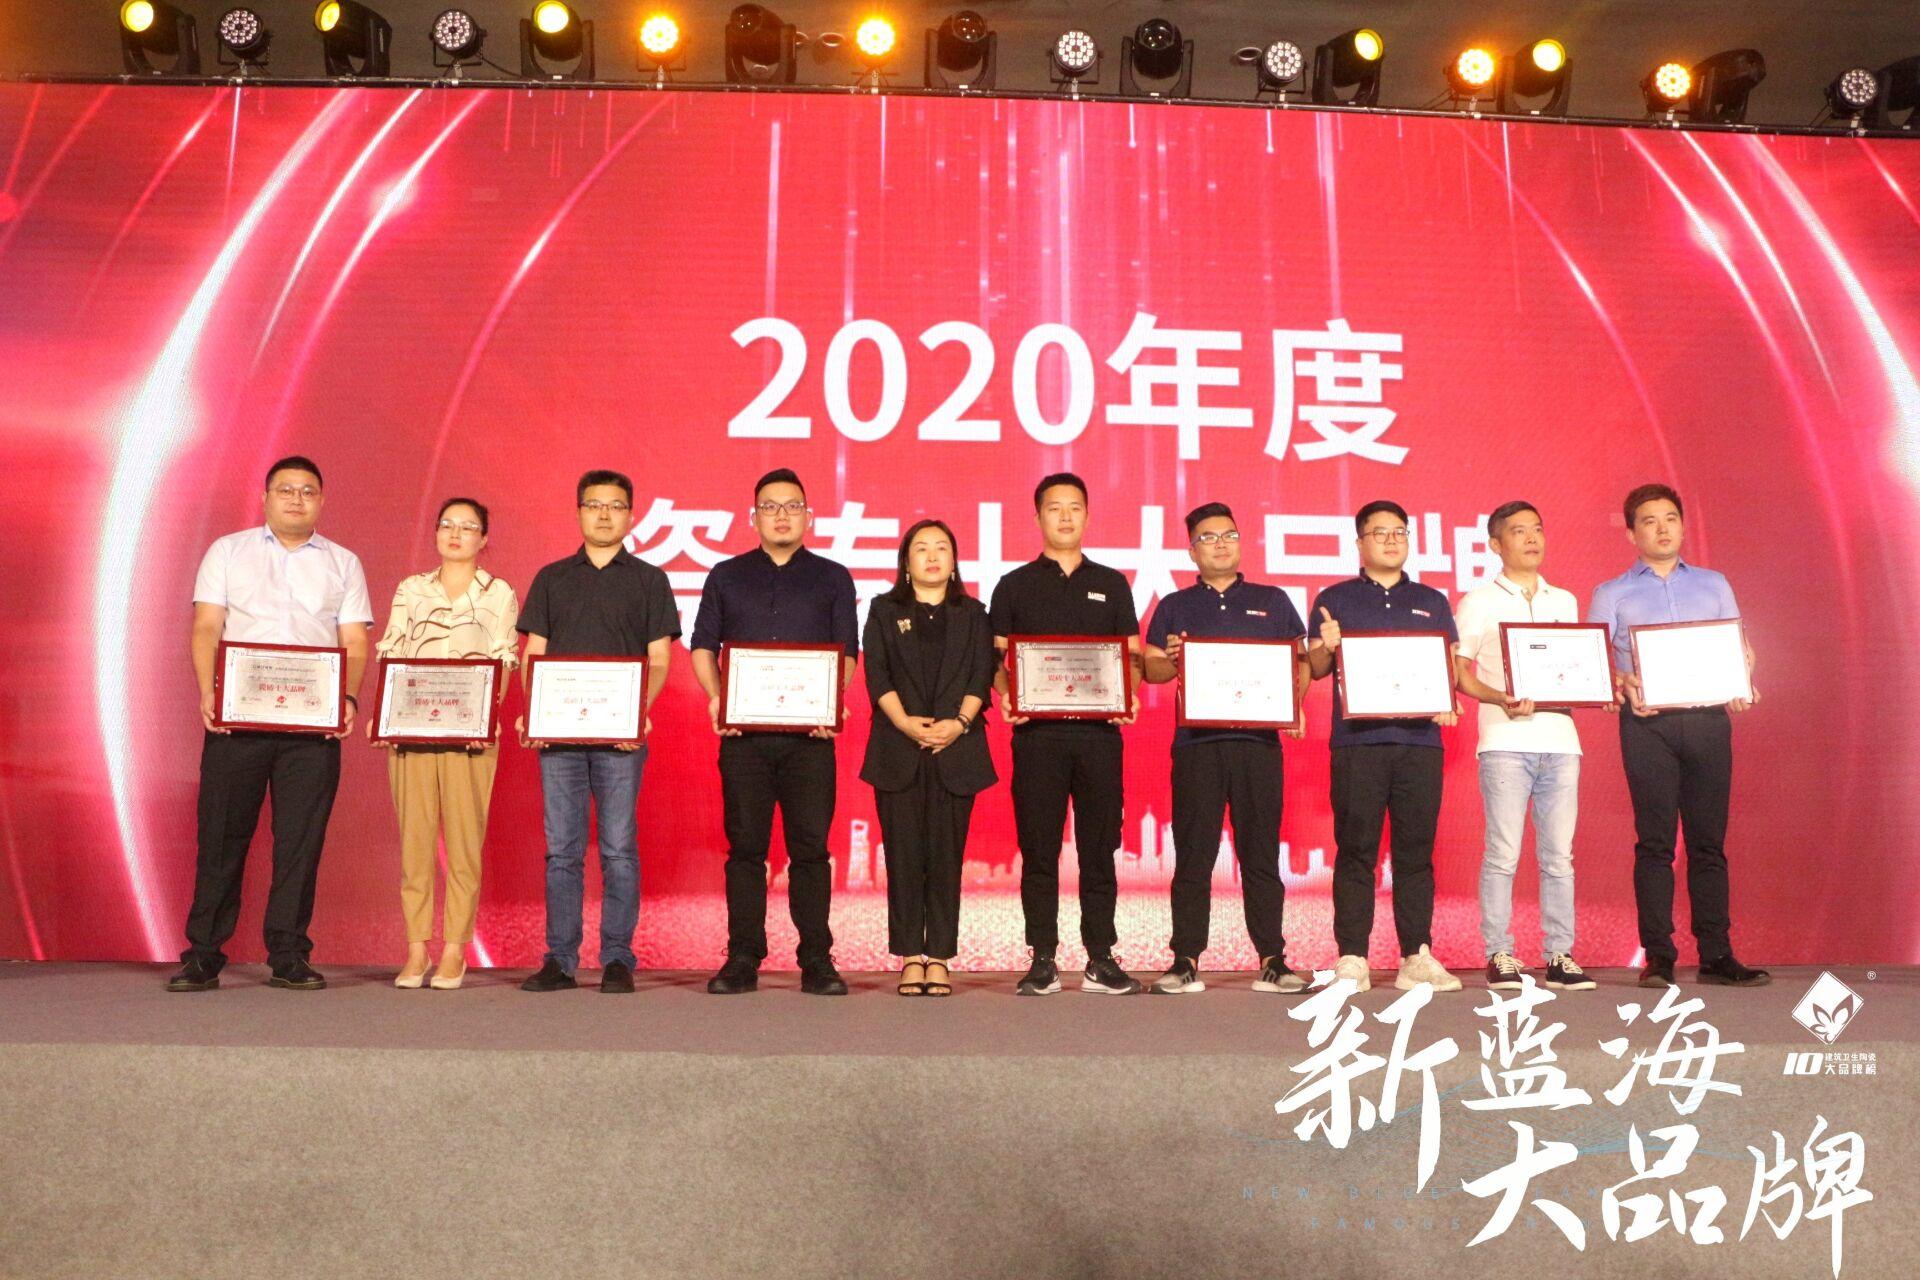 """下一篇:强辉精工瓷砖荣获2020年度""""陶瓷十大品牌""""荣誉称号"""